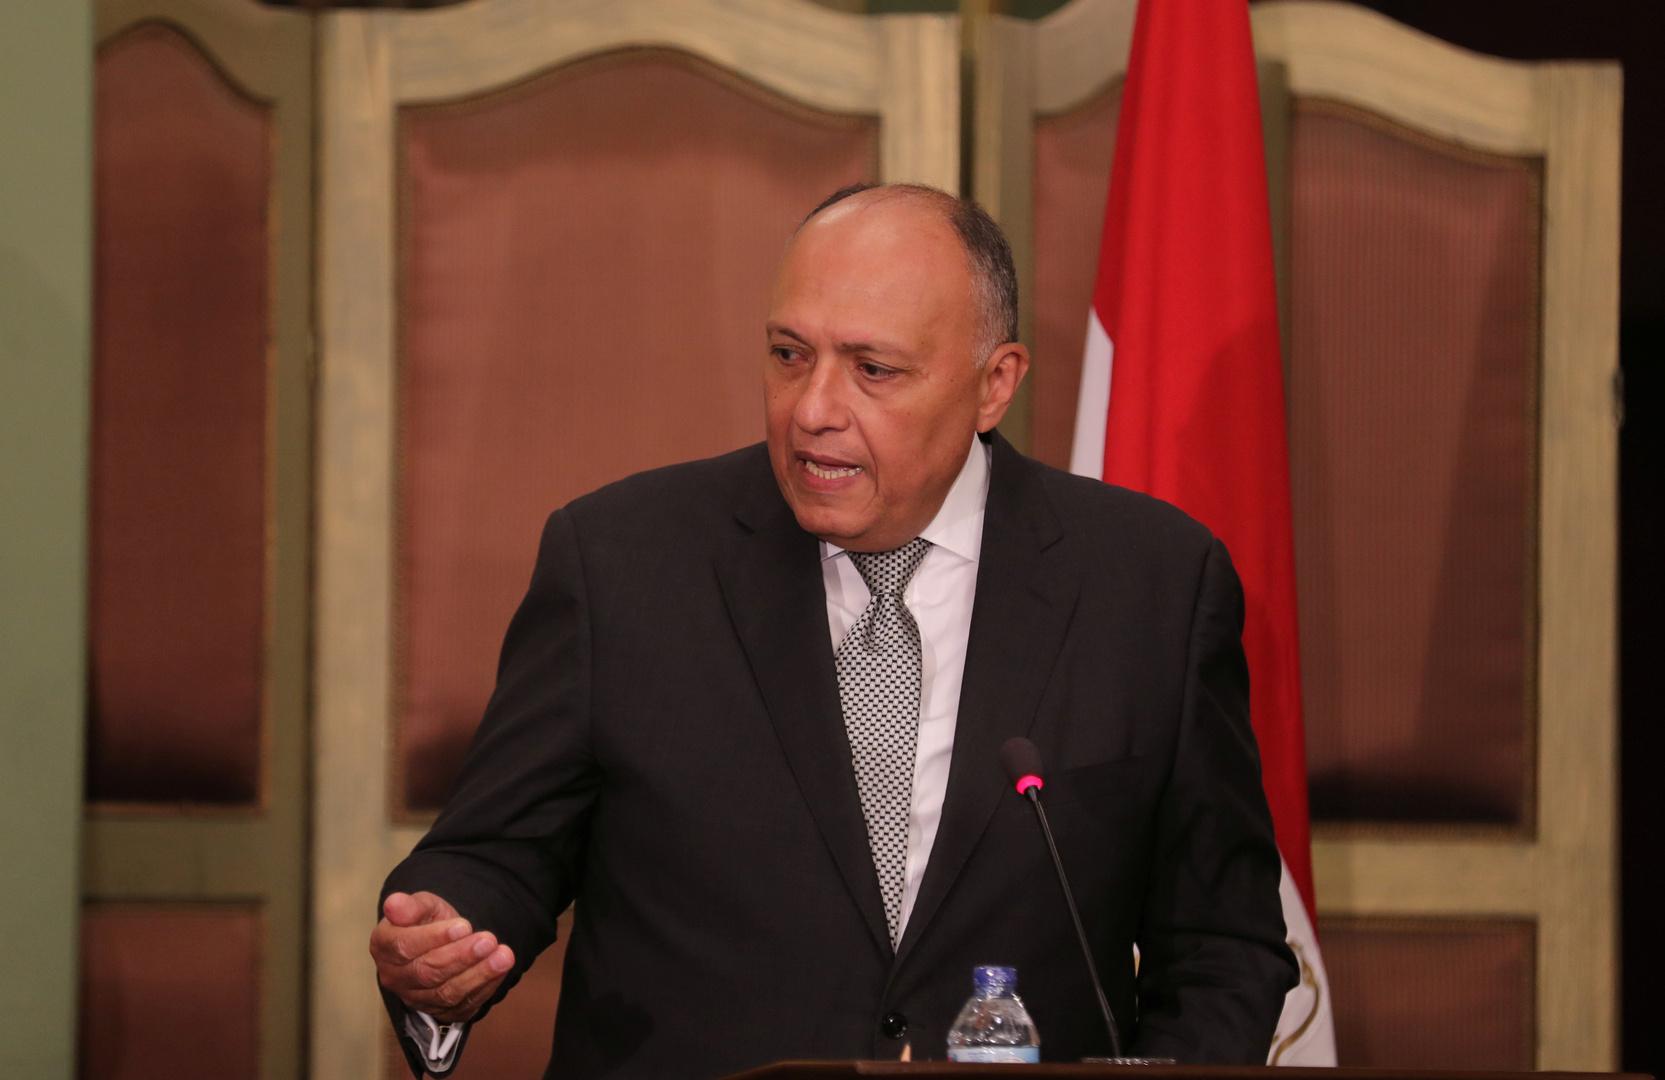 مصر تدعو للقضاء التام على الأسلحة النووية وإنشاء منطقة خالية منها بالشرق الأوسط